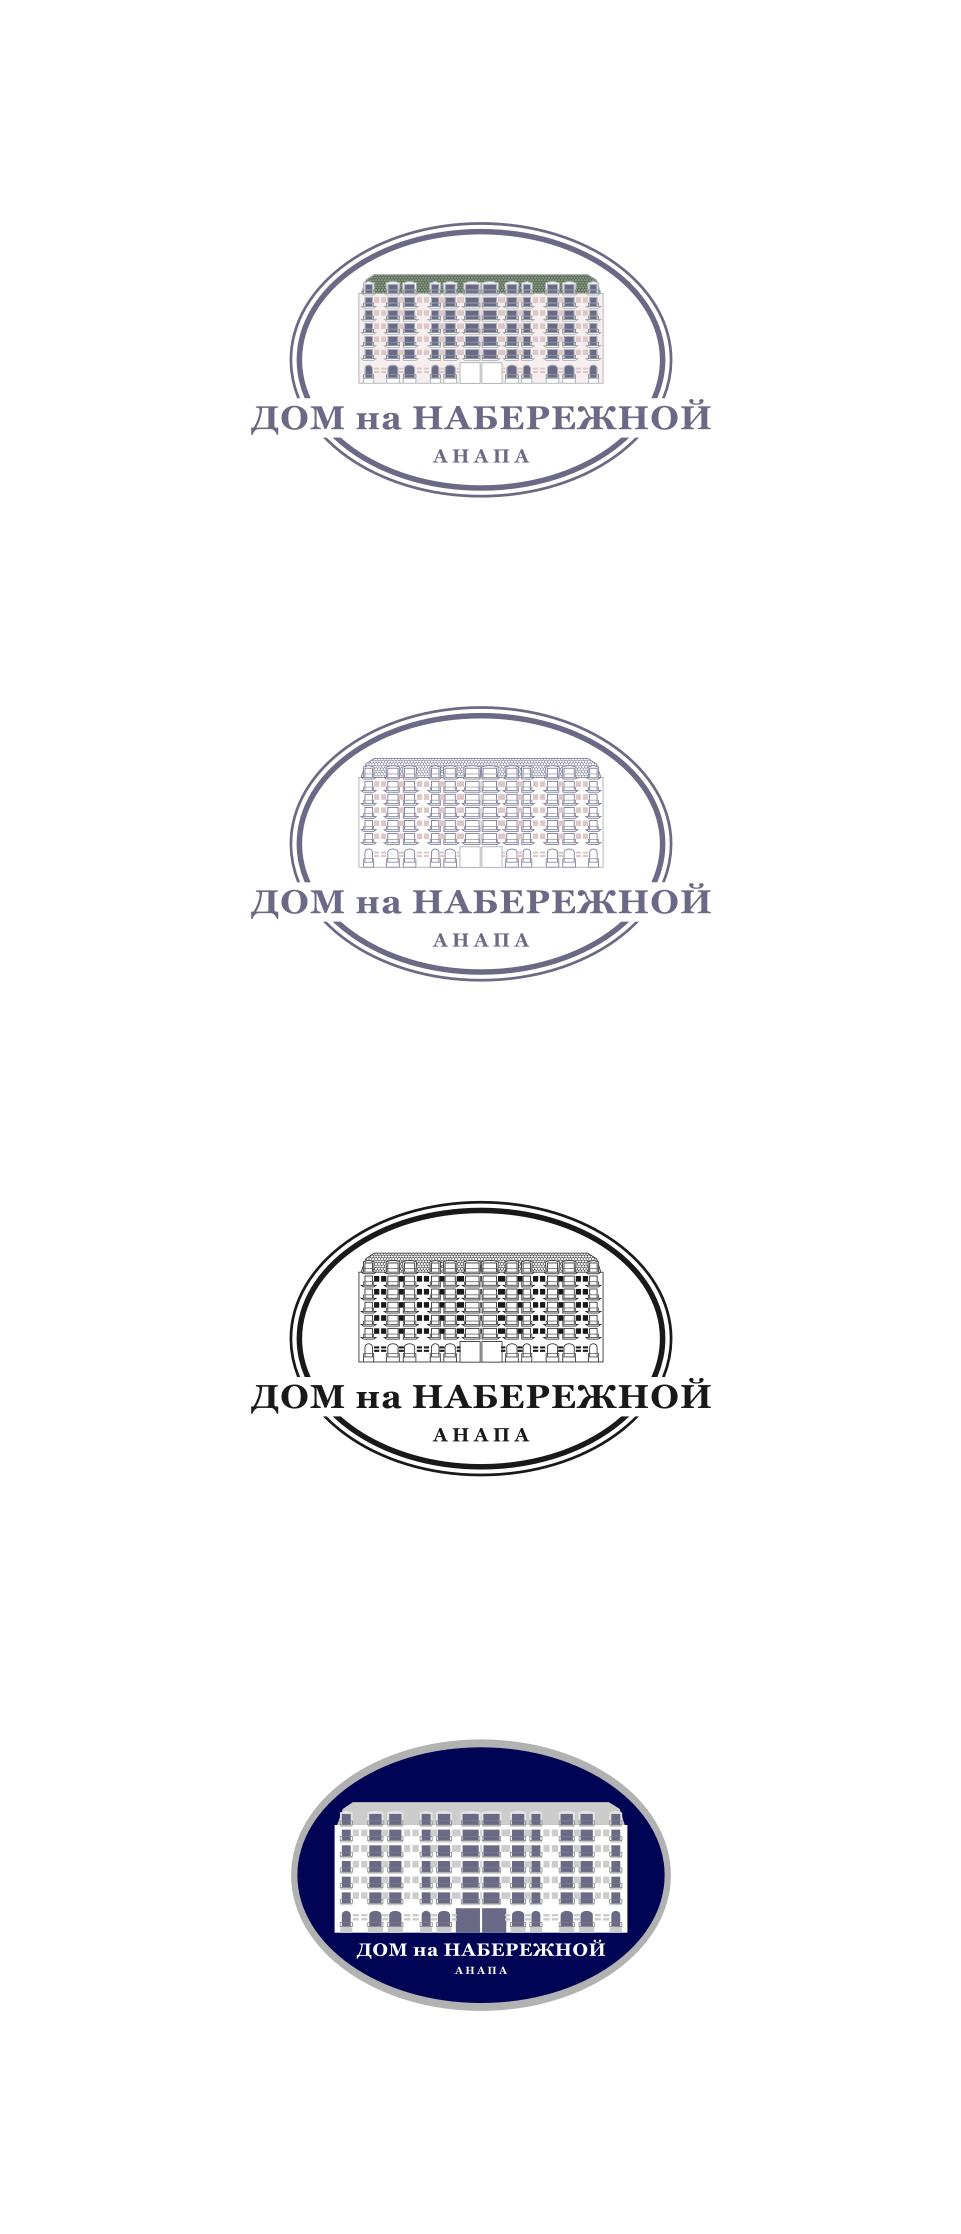 РАЗРАБОТКА логотипа для ЖИЛОГО КОМПЛЕКСА премиум В АНАПЕ.  фото f_8655de674aa8398b.png